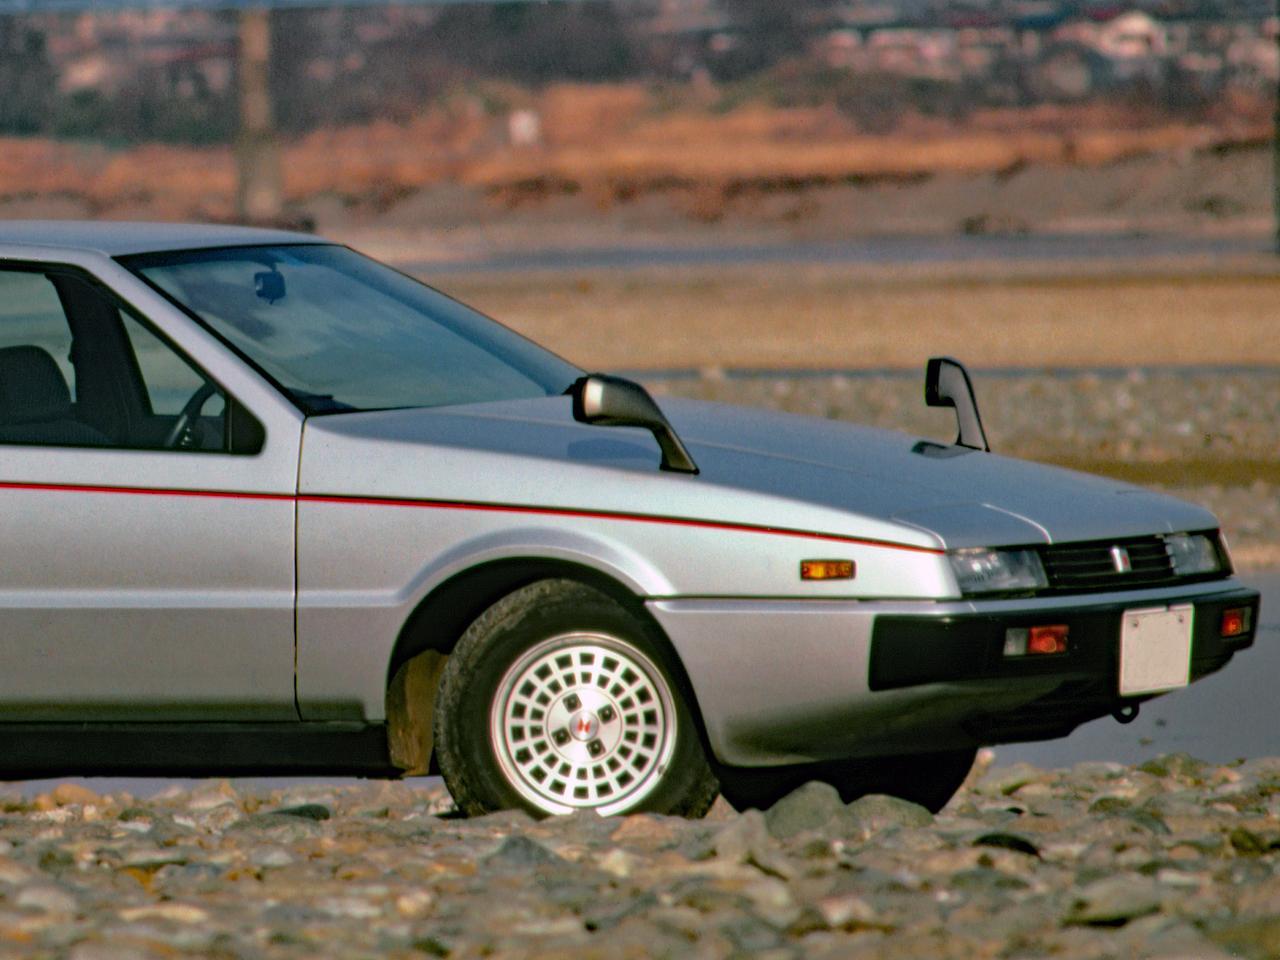 【昭和の名車 76】いすゞ ピアッツァXE:昭和56年(1981年)